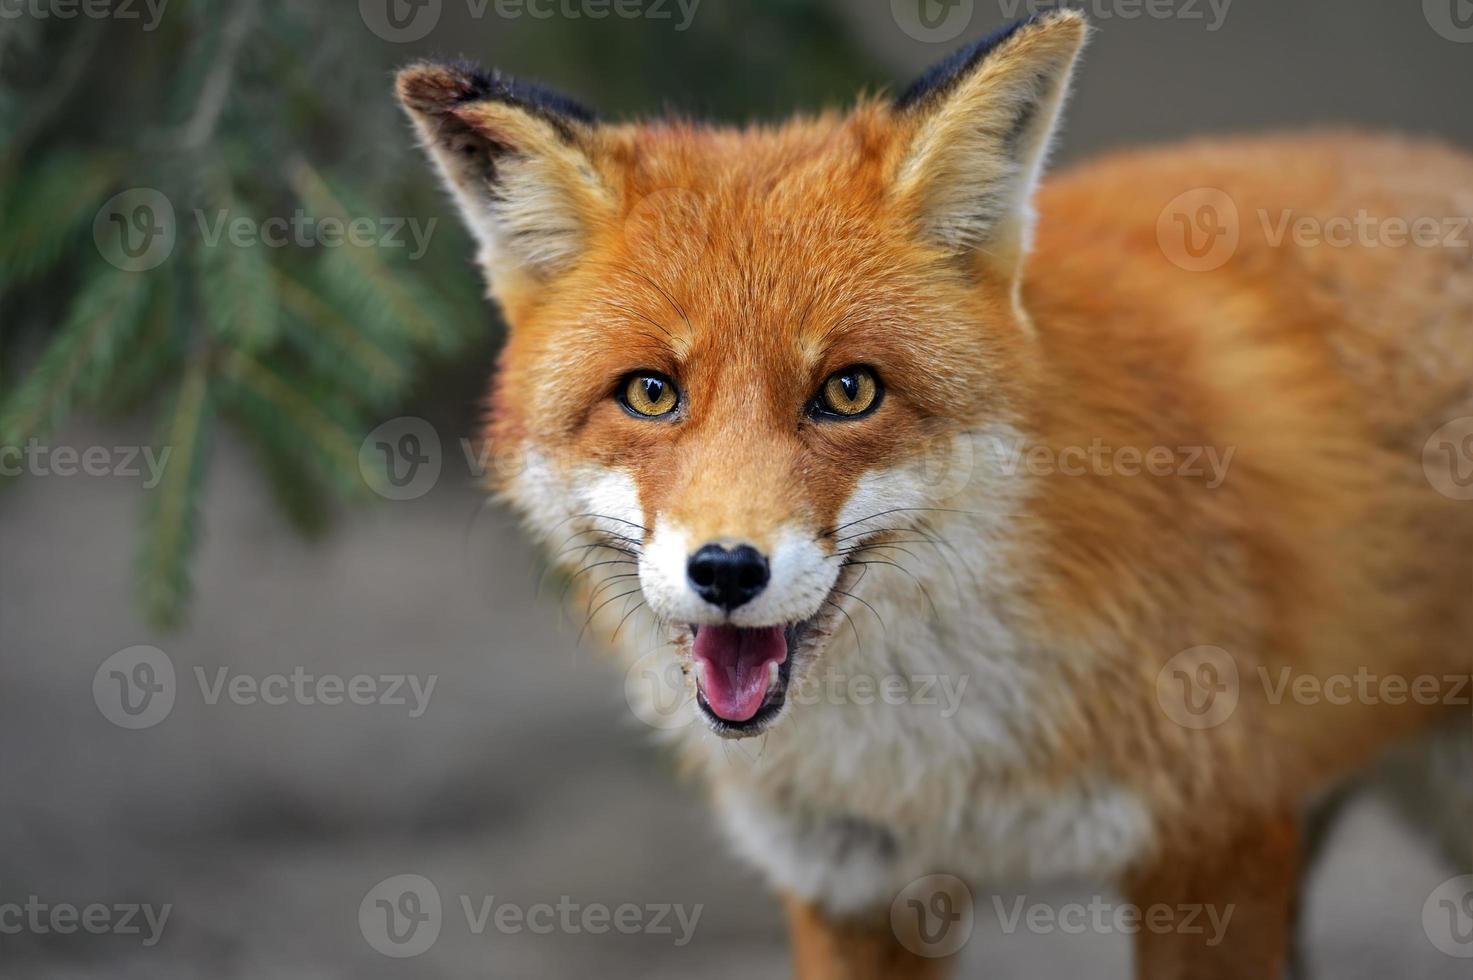 Foto de alta definición de un zorro naranja con ojos de color naranja